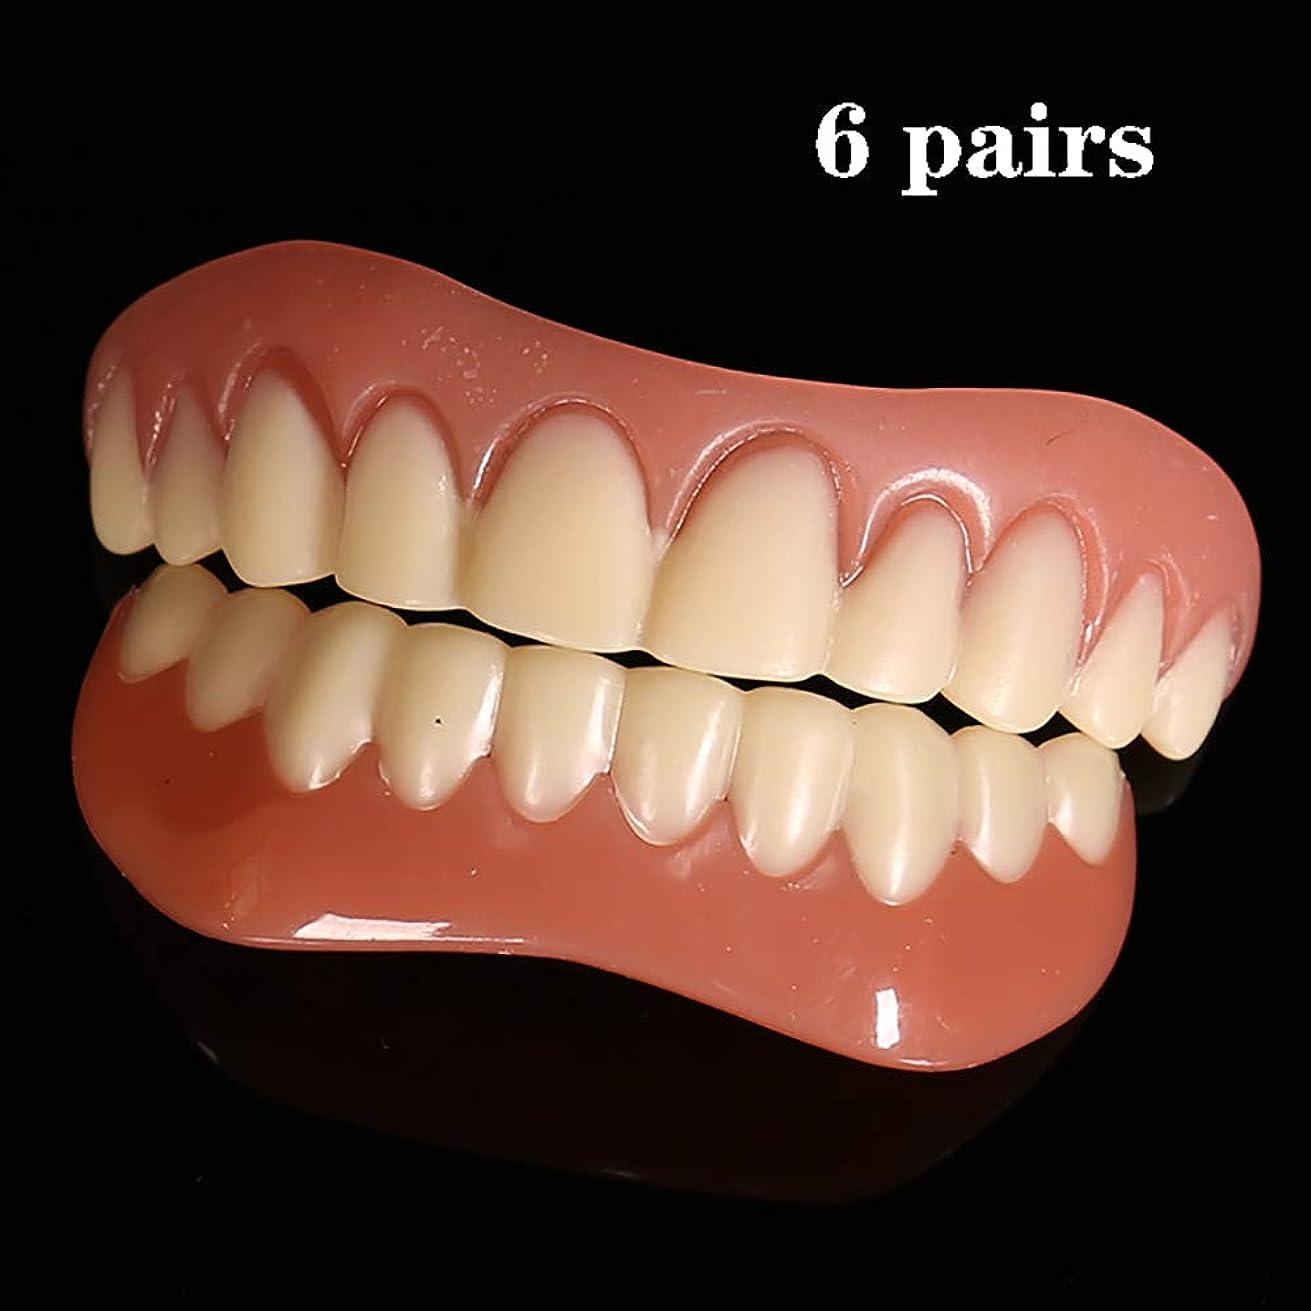 小さい以下苗歯のベニヤ化粧品の歯スナップオンセキュア6ペア上下の快適さフィット歯のベニヤセキュアインスタントスマイル化粧品ワンサイズ全ての義歯ケアツールにフィット